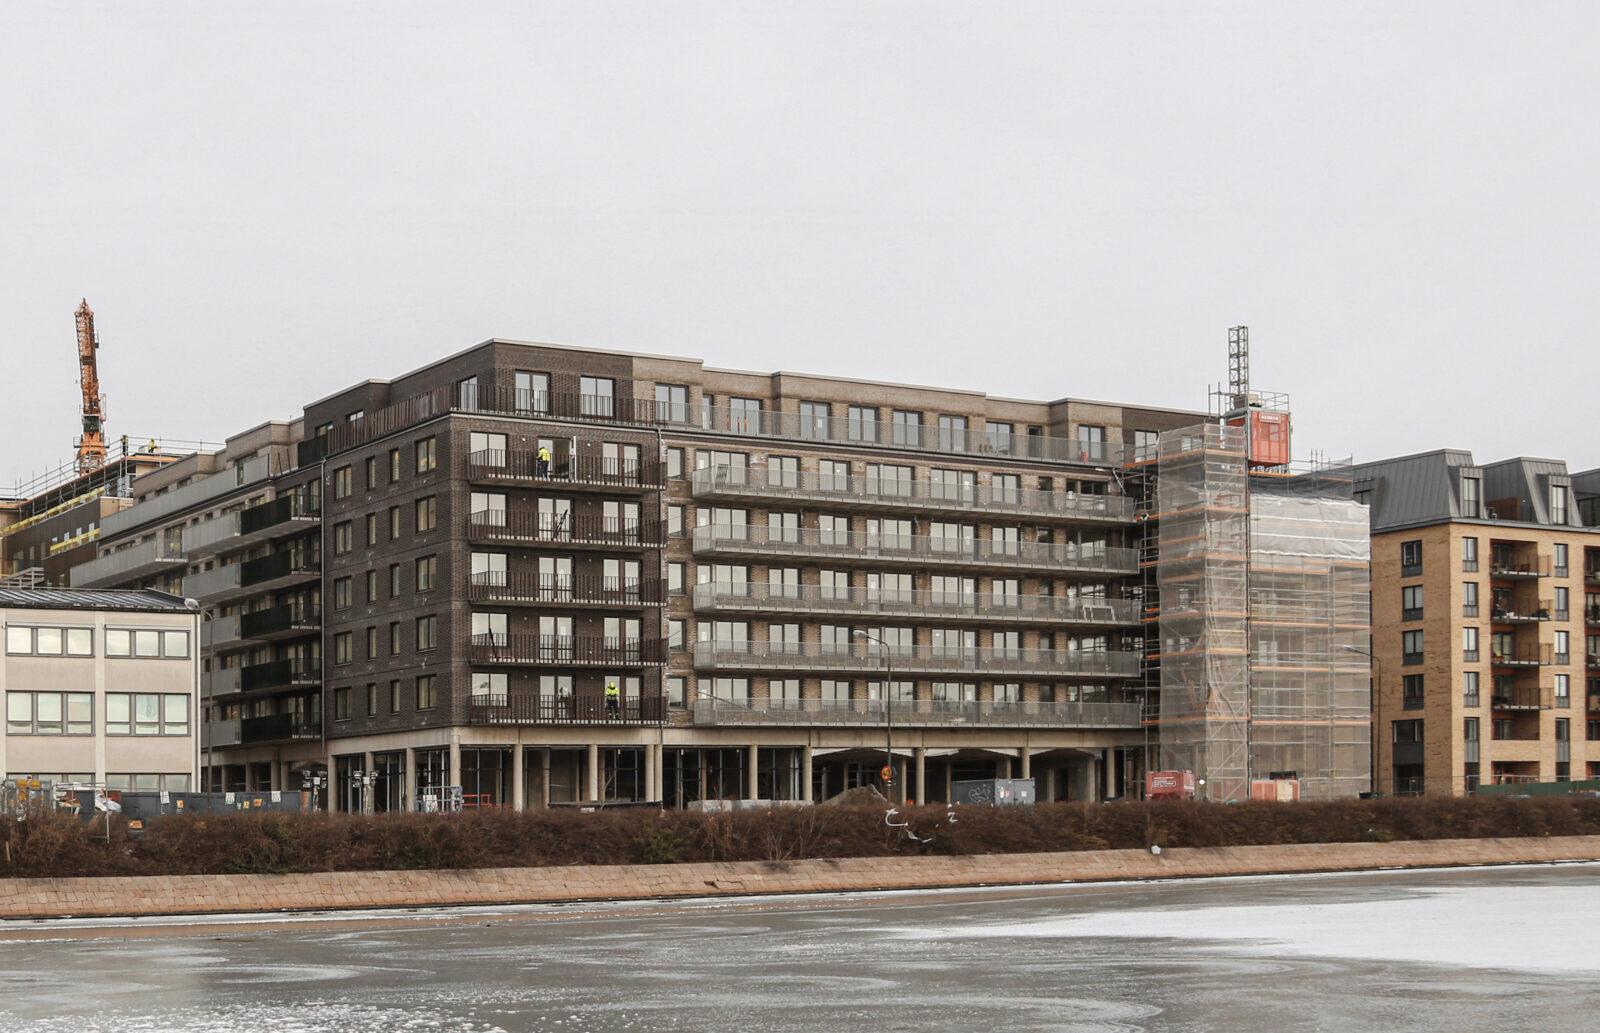 KjellanderSjoberg Citadellskajen 3600x2324px